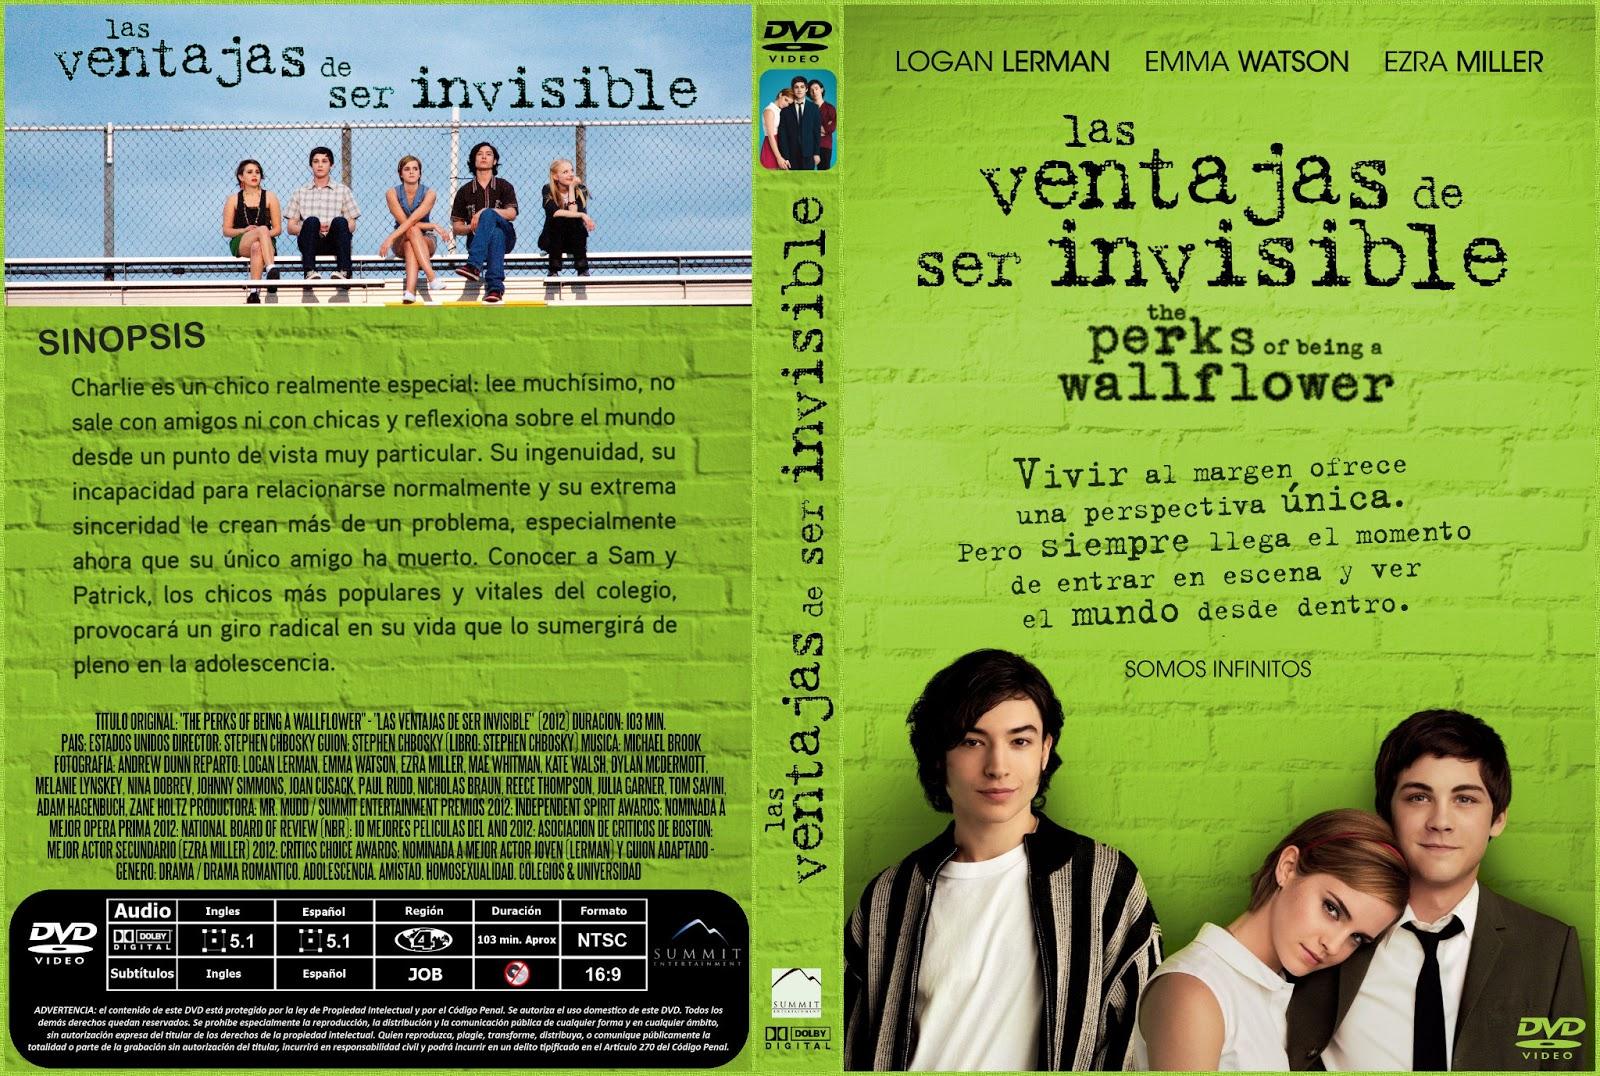 estreno invisible espana: